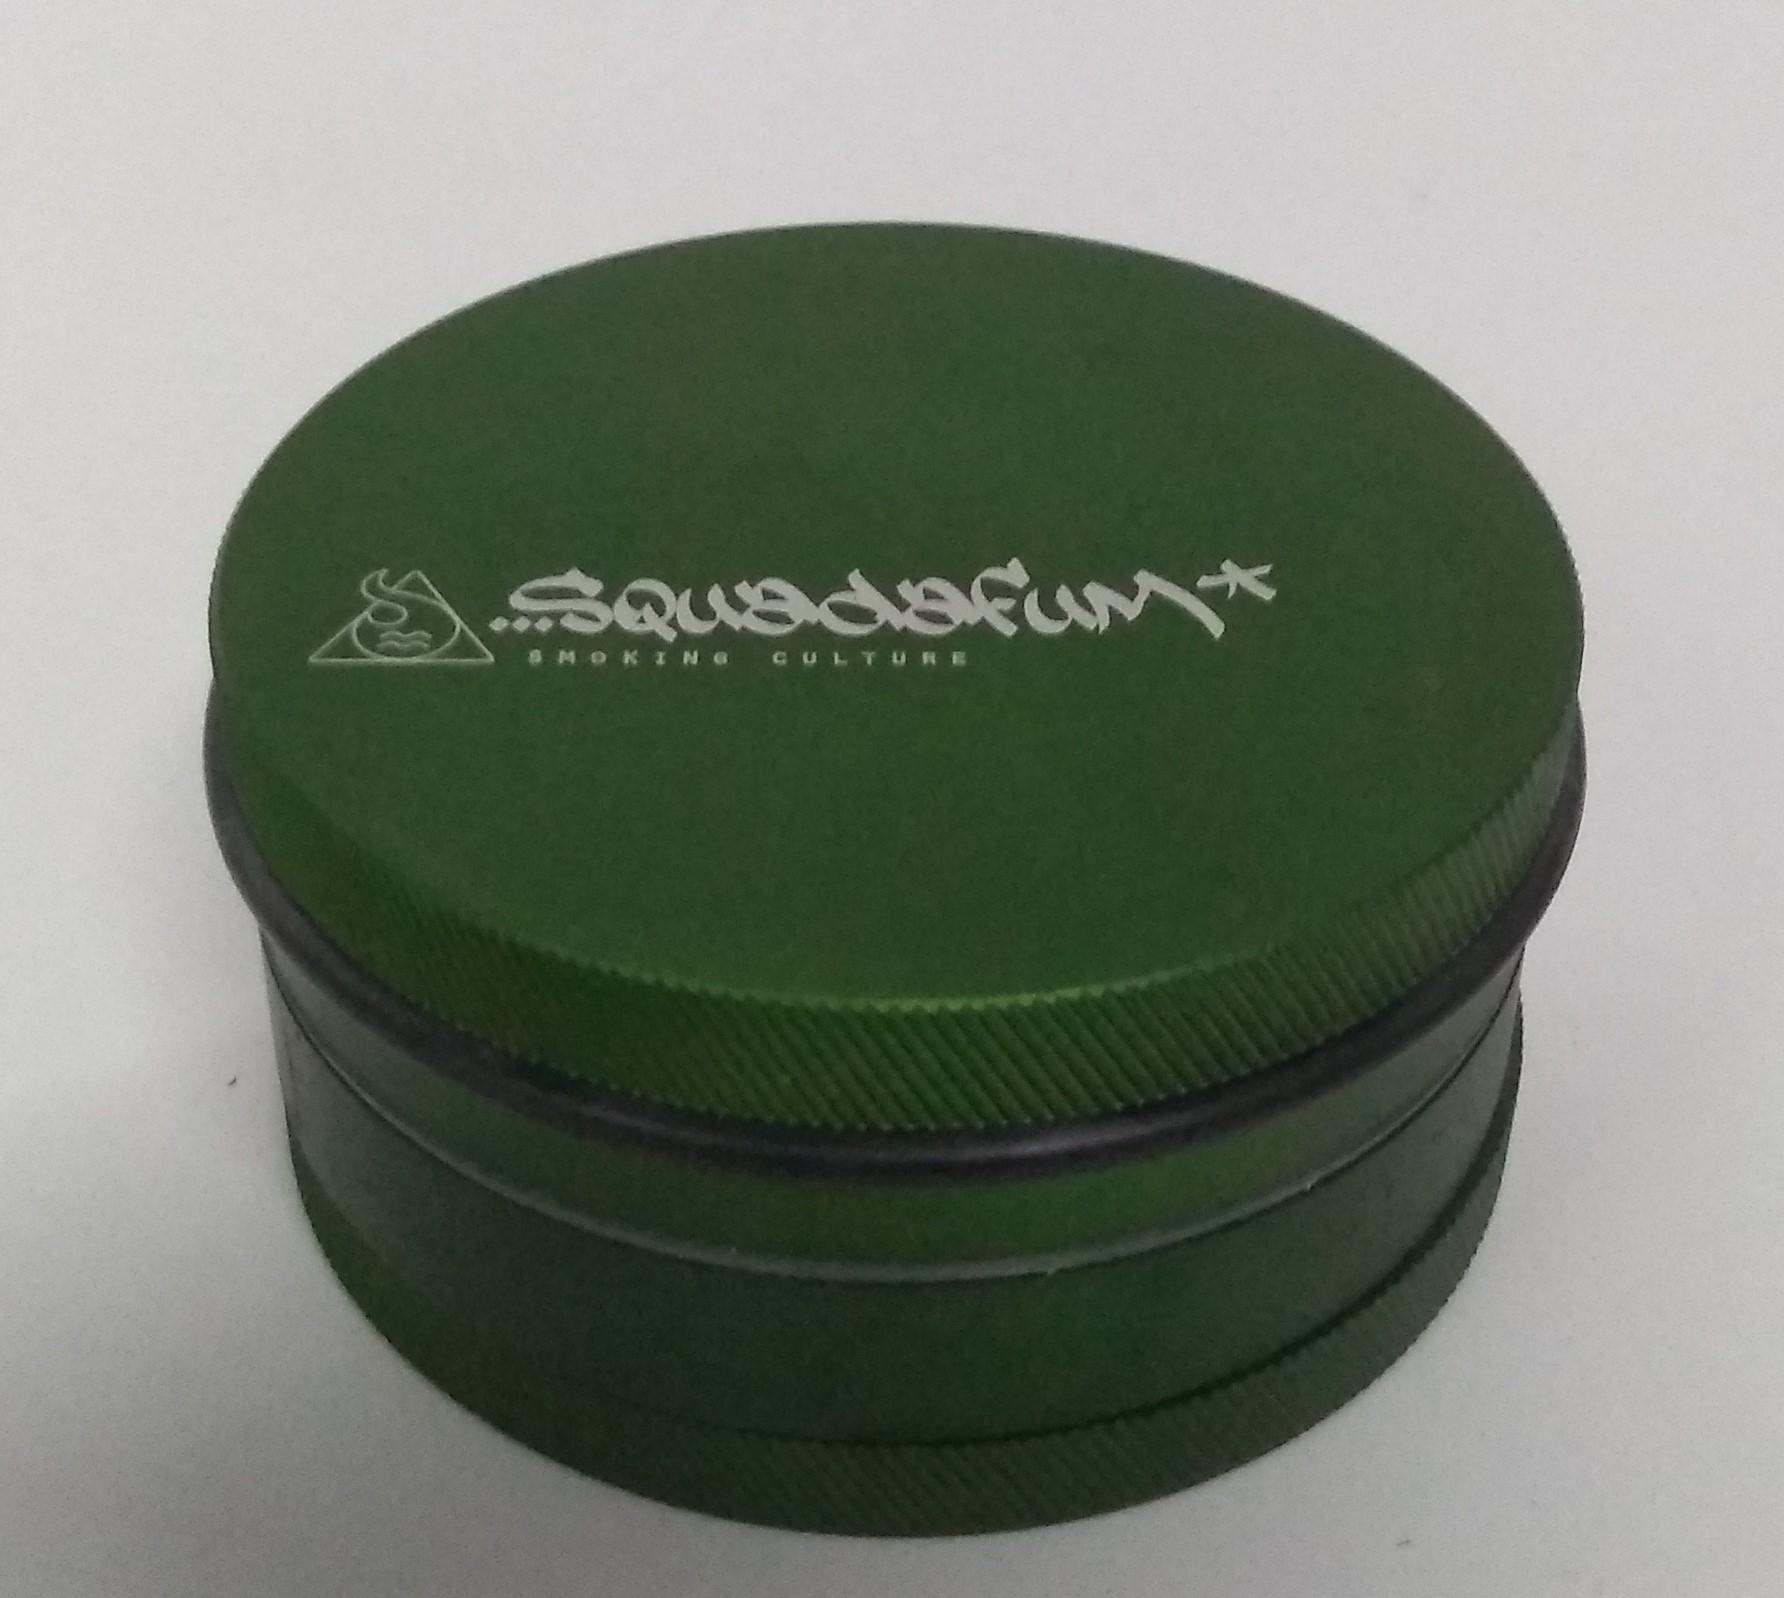 Triturador Squadafum 4008 Verde